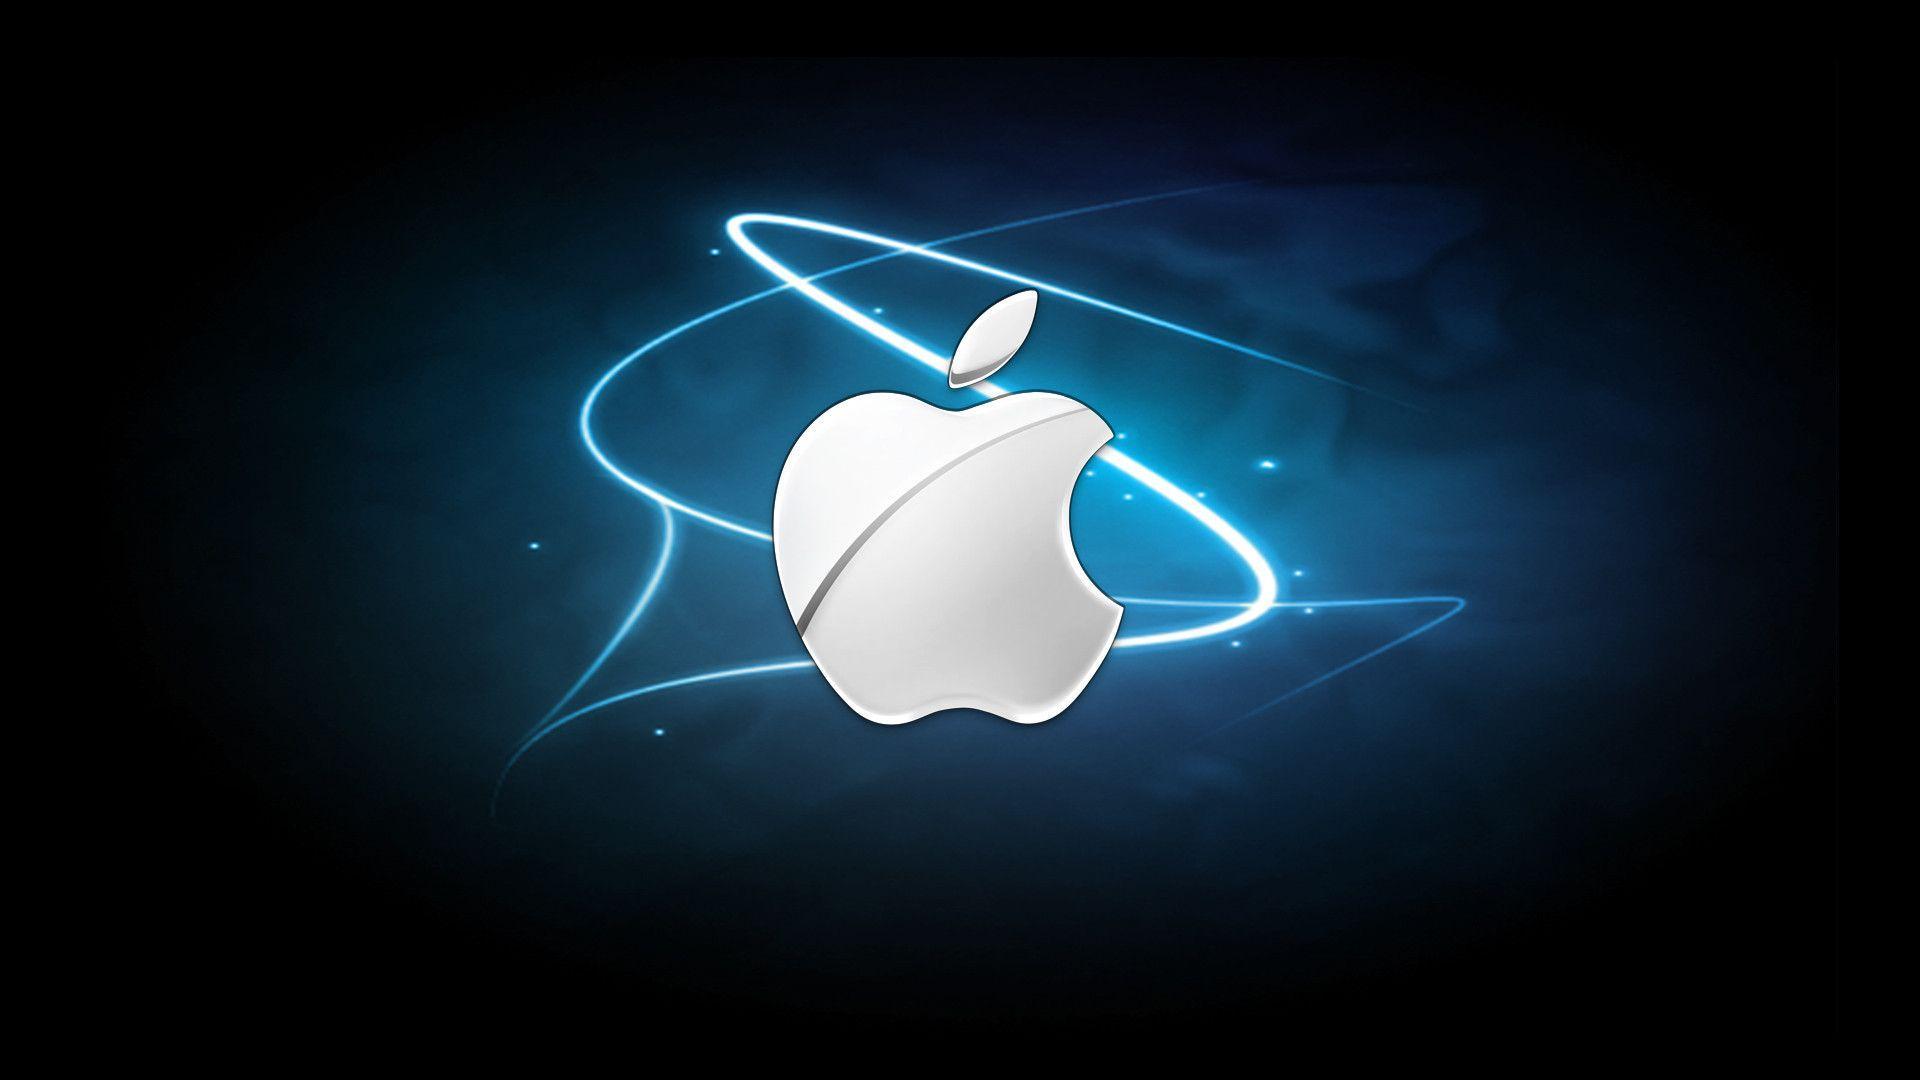 Apple logo wallpaper hd, скачать обои логотипы на телефон, 1920 на 1080 пикселей